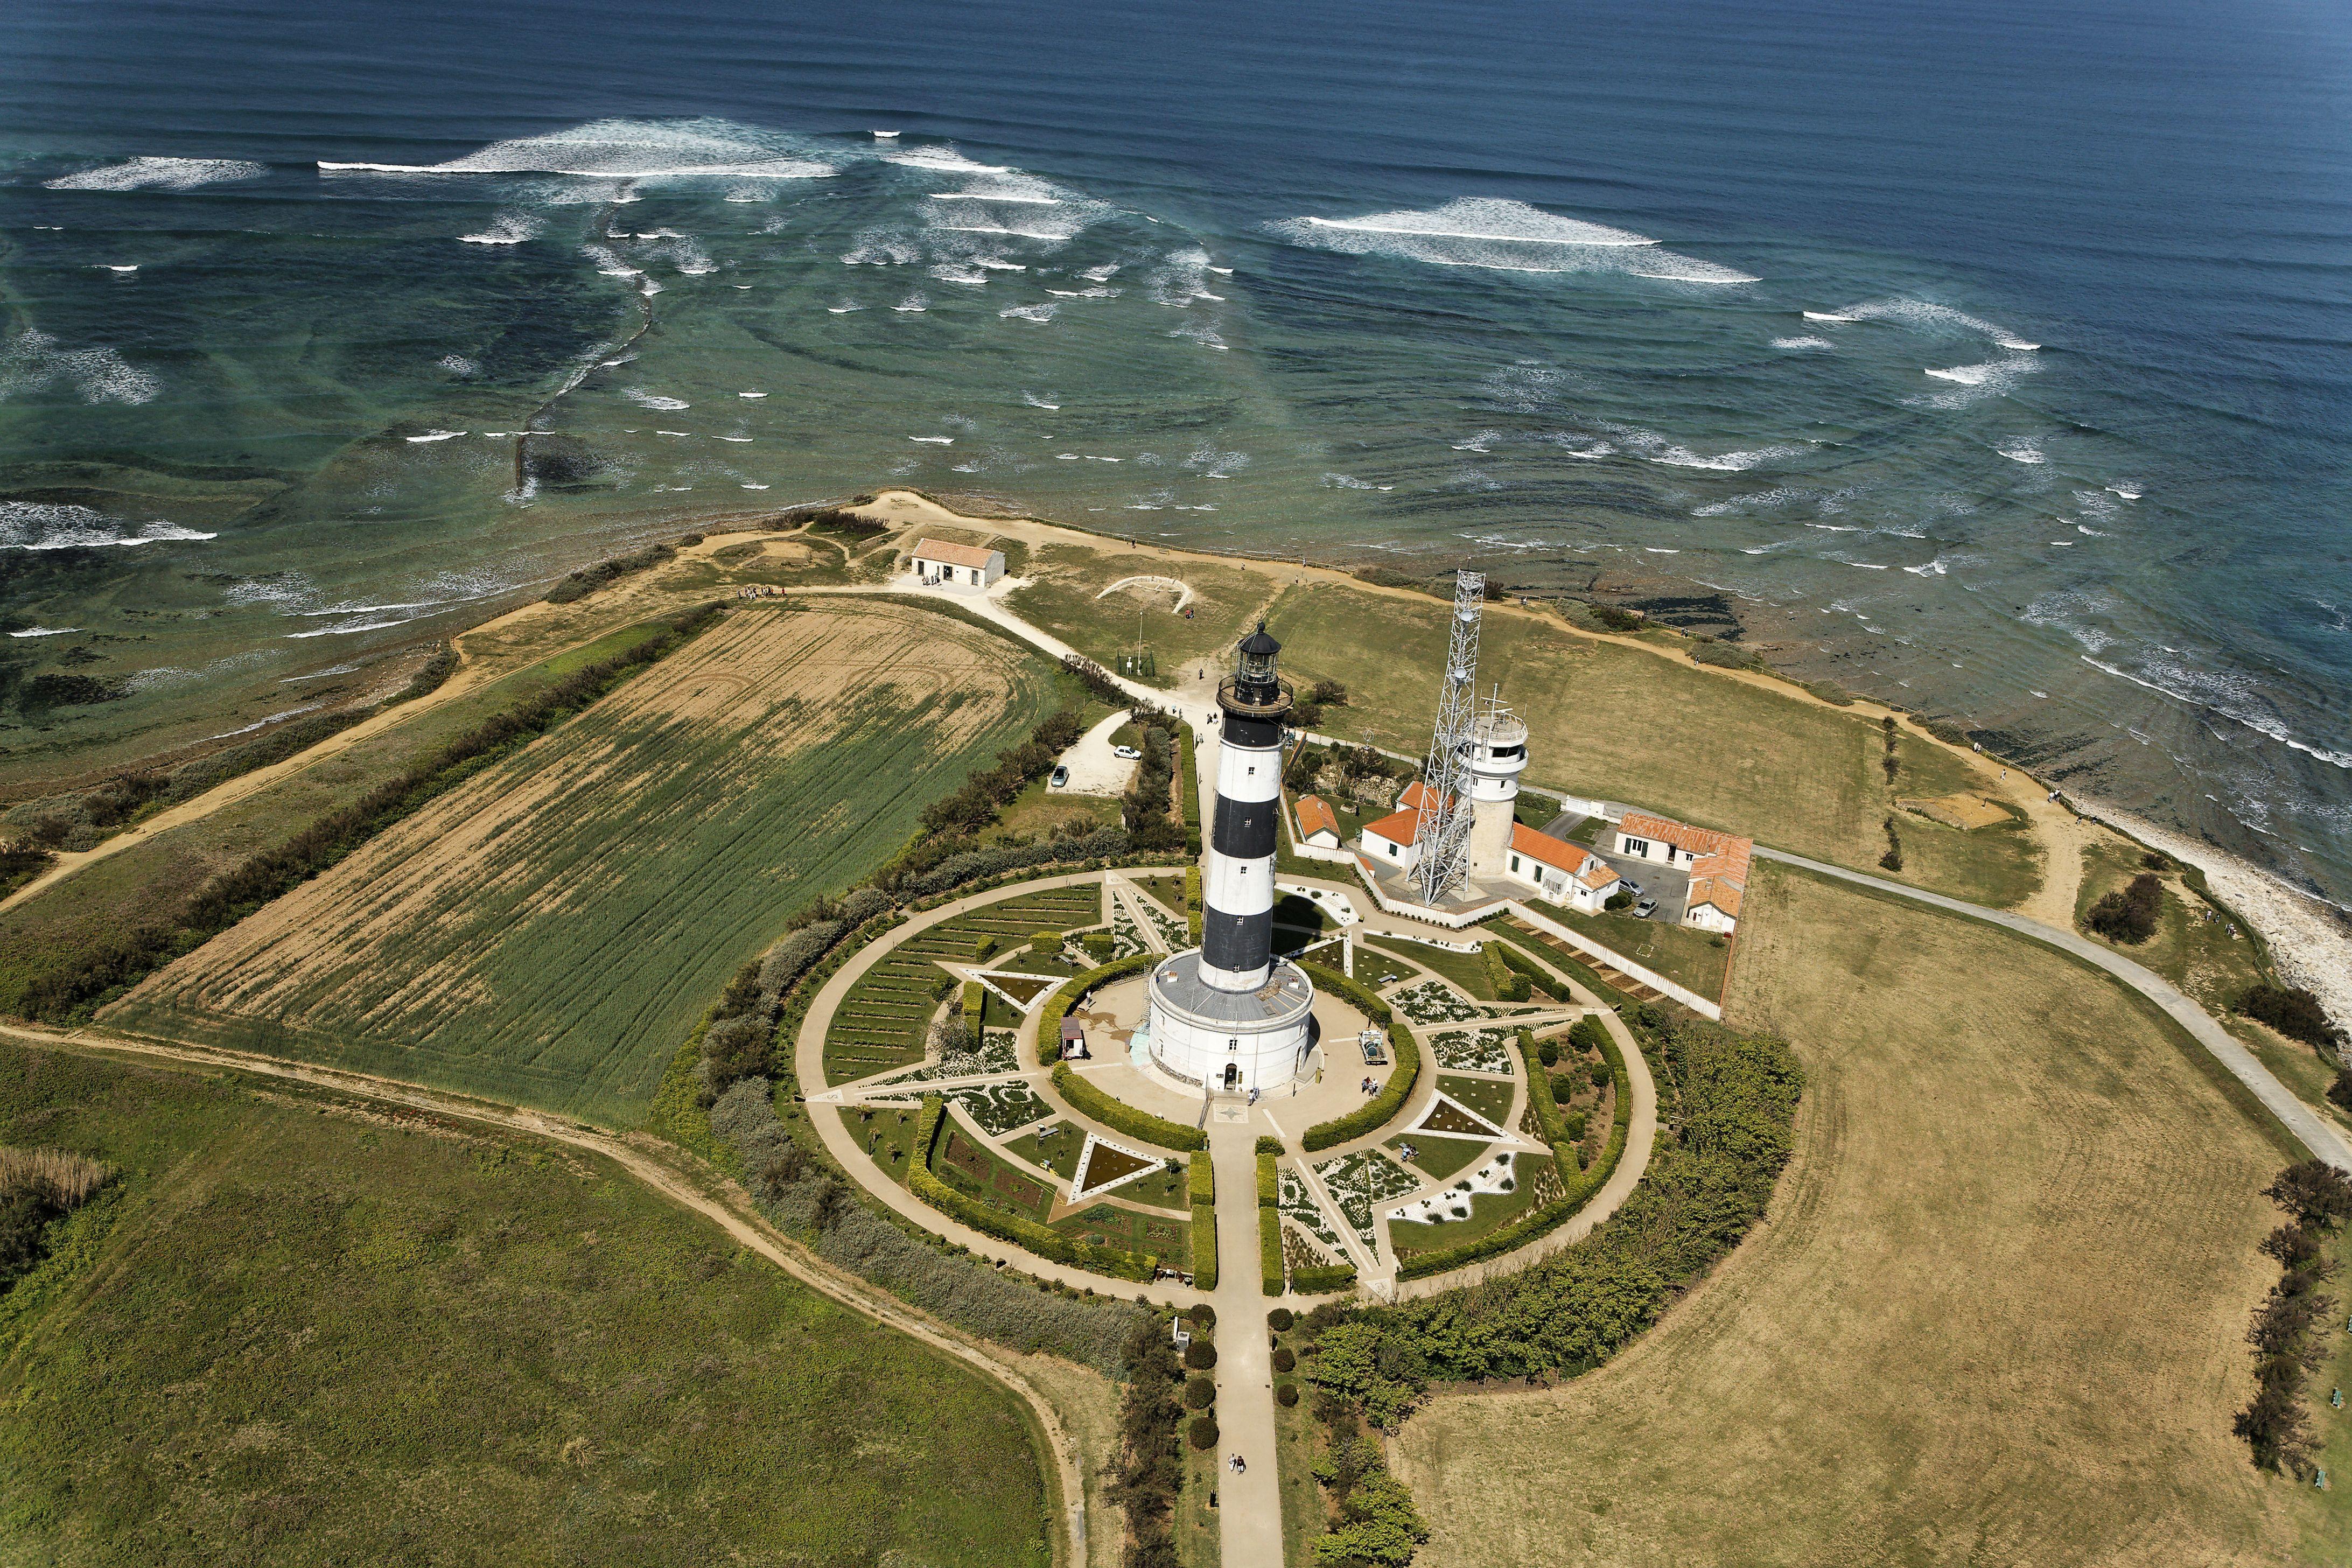 Vue du ciel phare de chassiron sur l 39 le d 39 ol ron pays marennes ol ron charente maritime - Office du tourisme de l ile d oleron ...